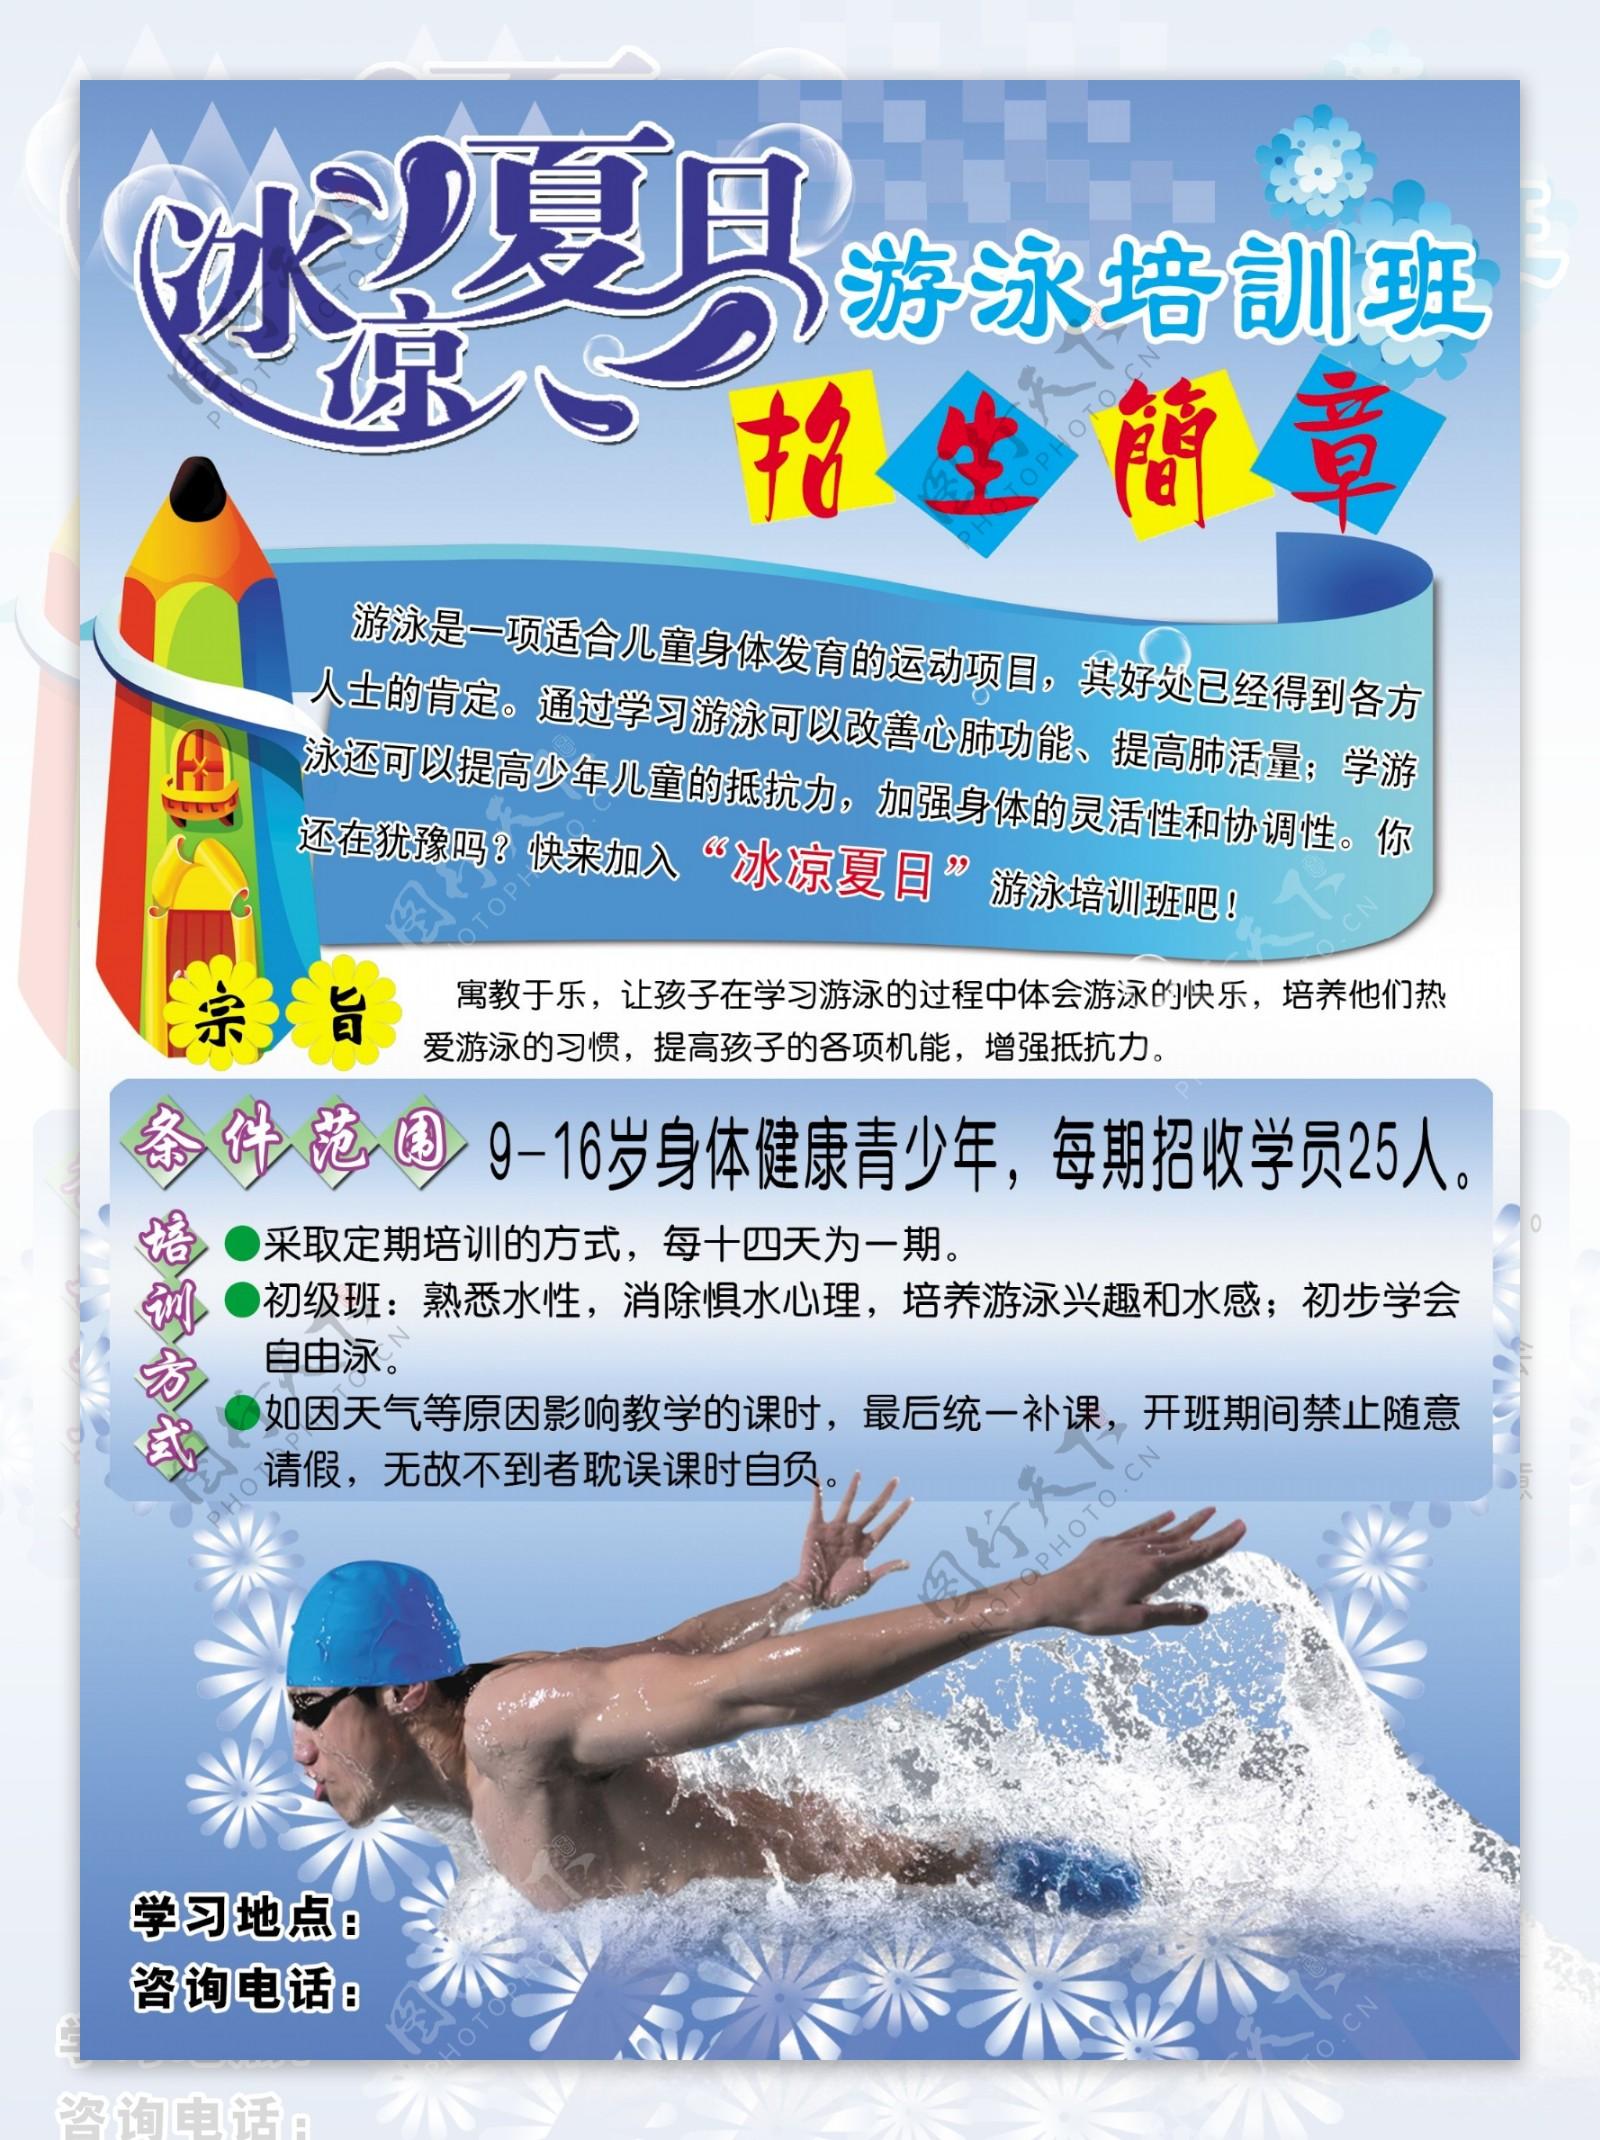 游泳培训彩页图片